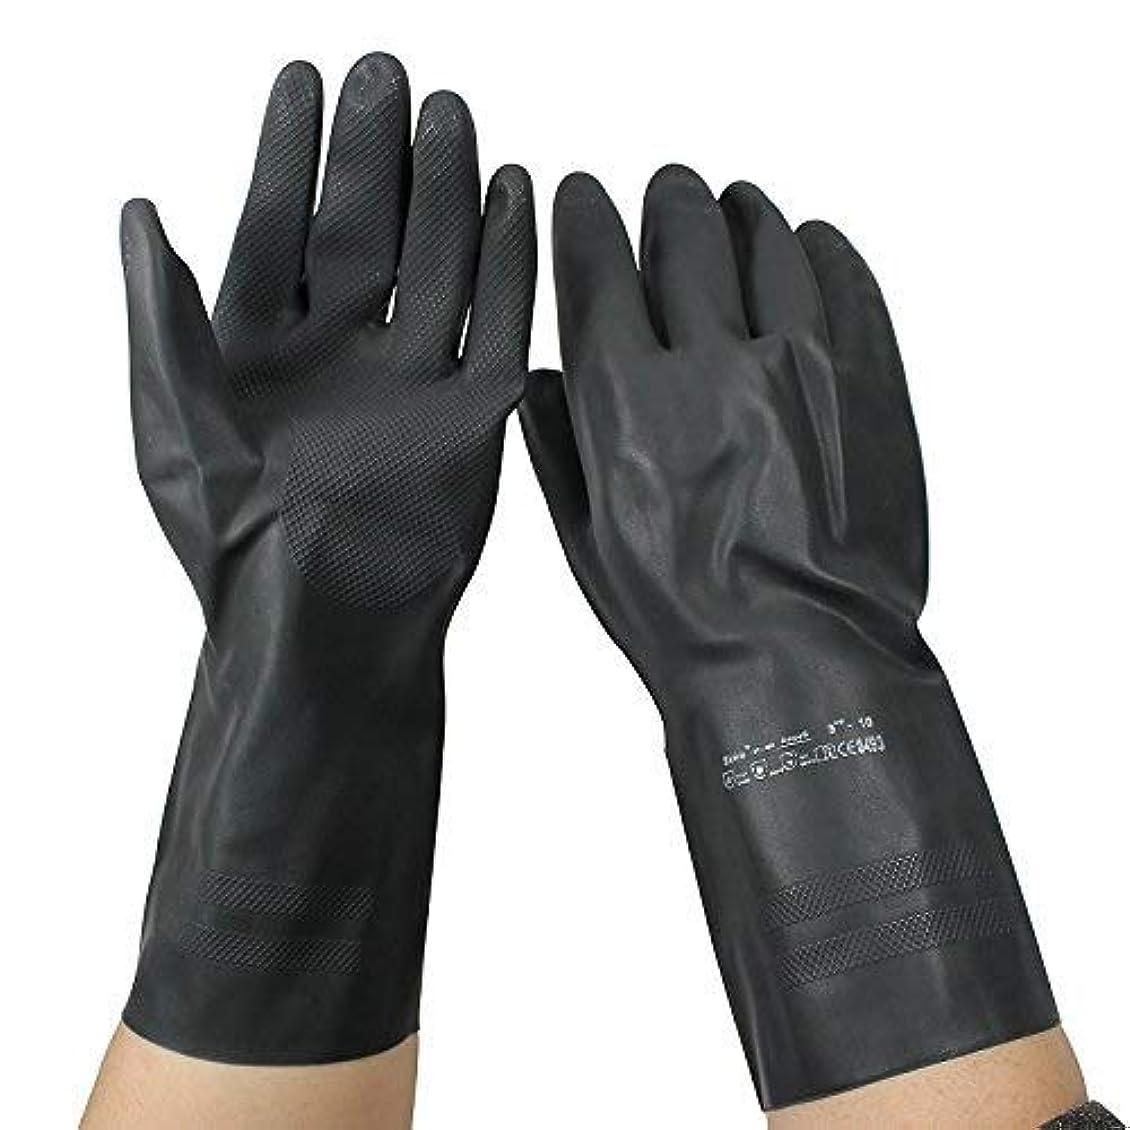 迫害するロビー列挙するXWYST ゴム手袋/溶接断熱労働保護手袋